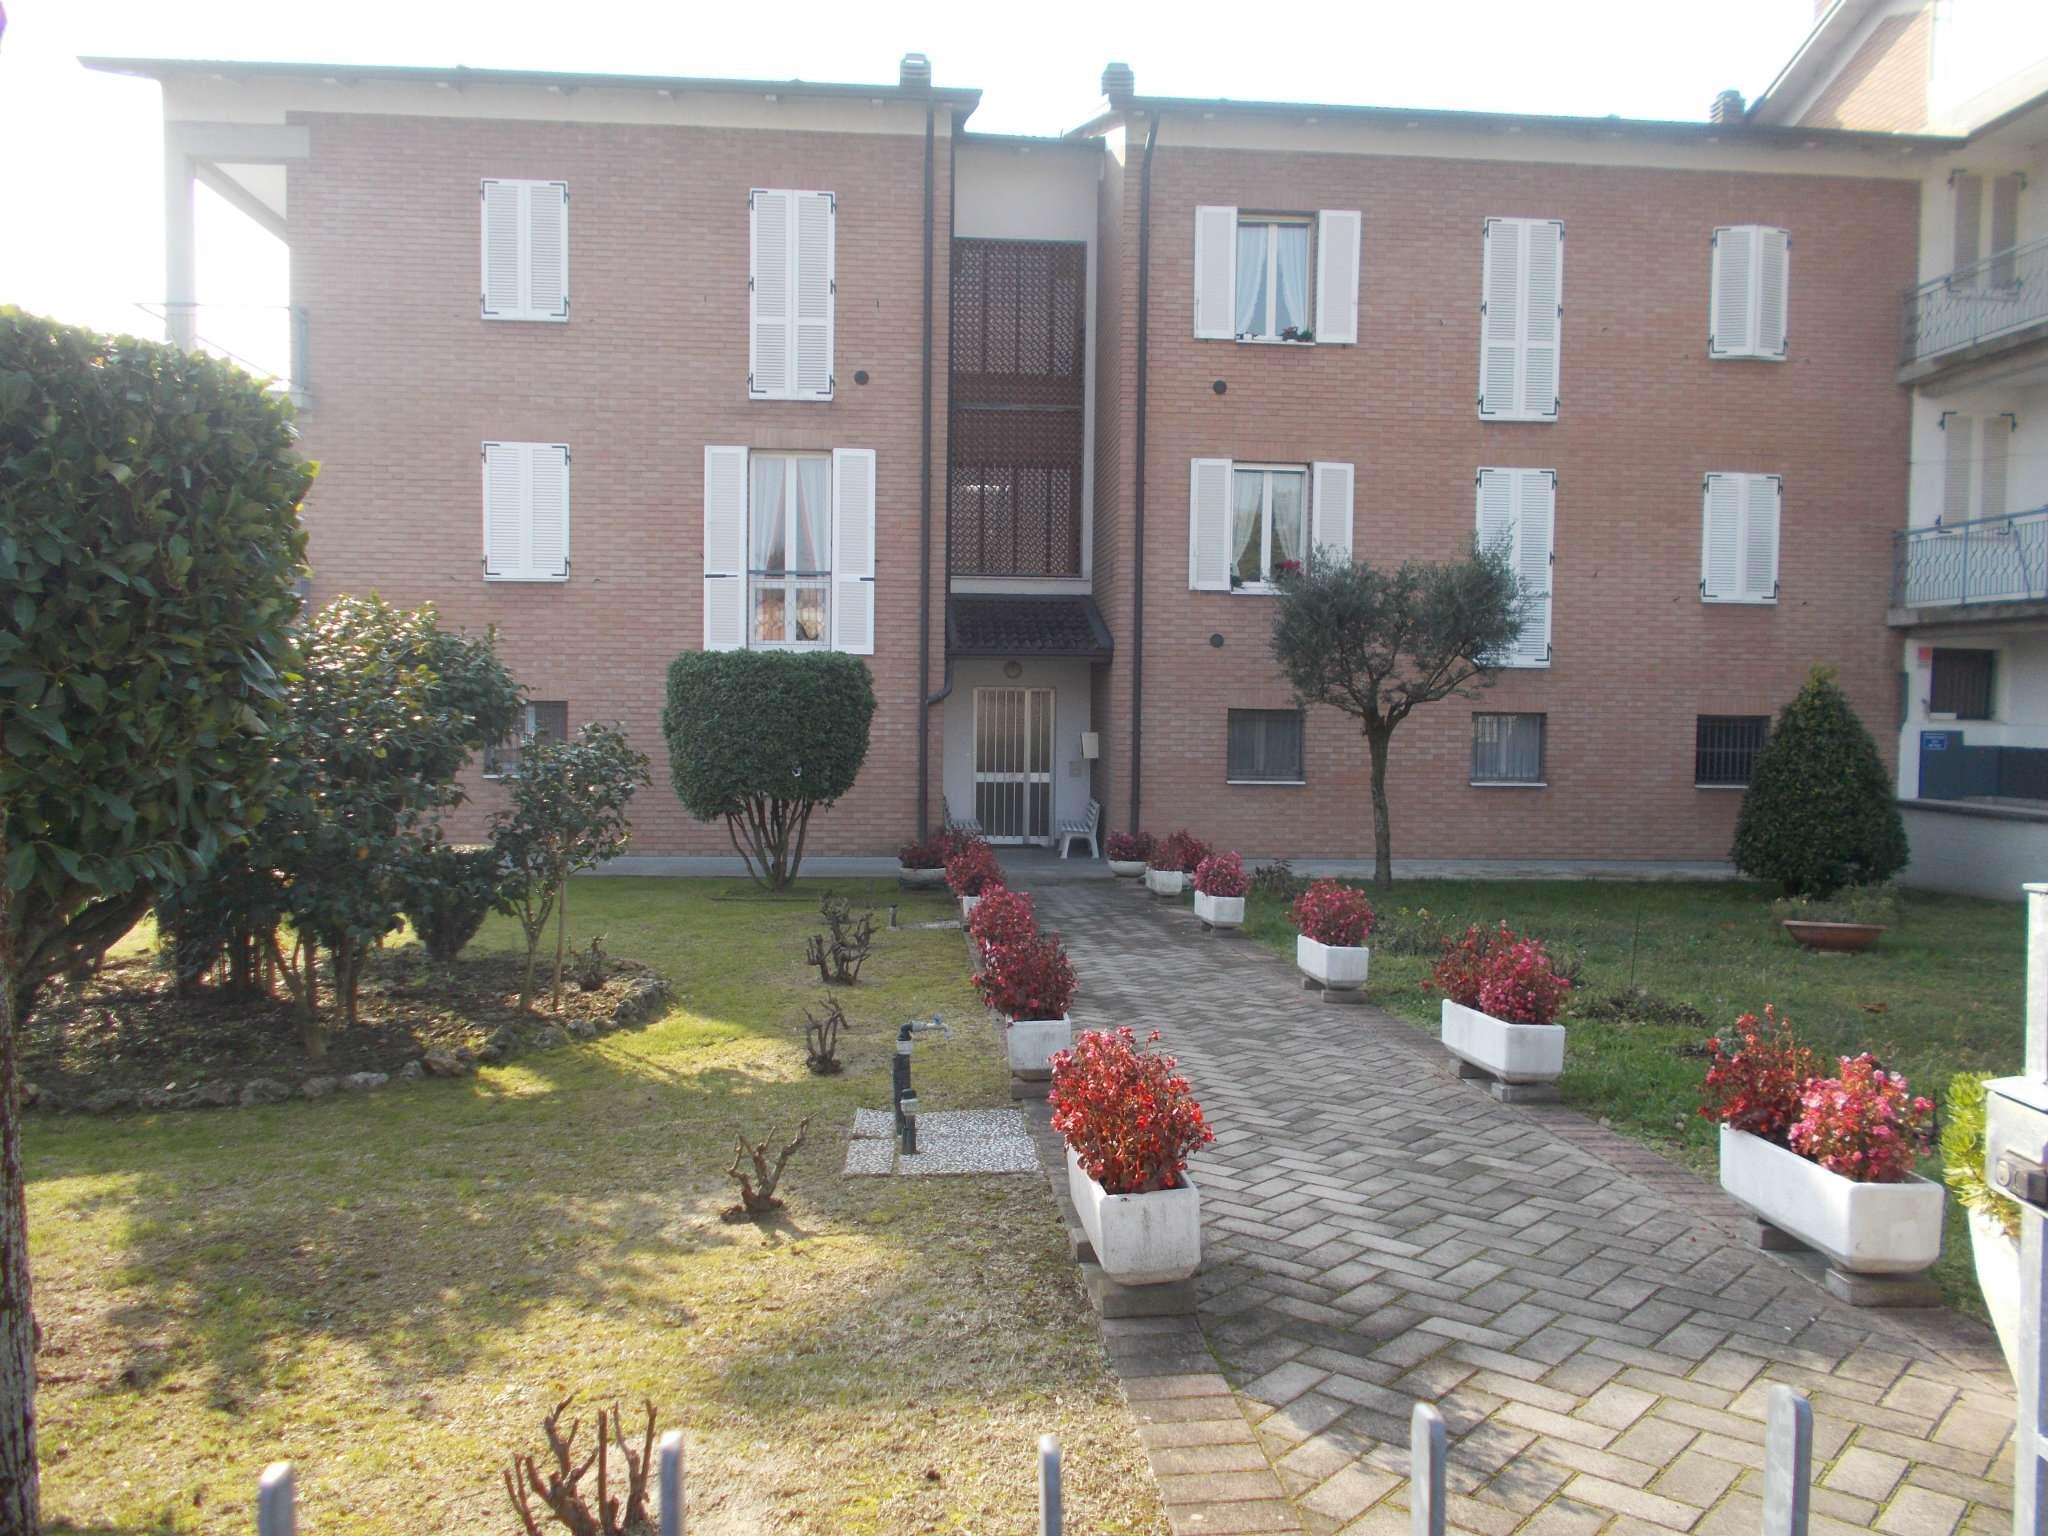 Appartamento in vendita a Quattro Castella, 3 locali, prezzo € 125.000 | CambioCasa.it